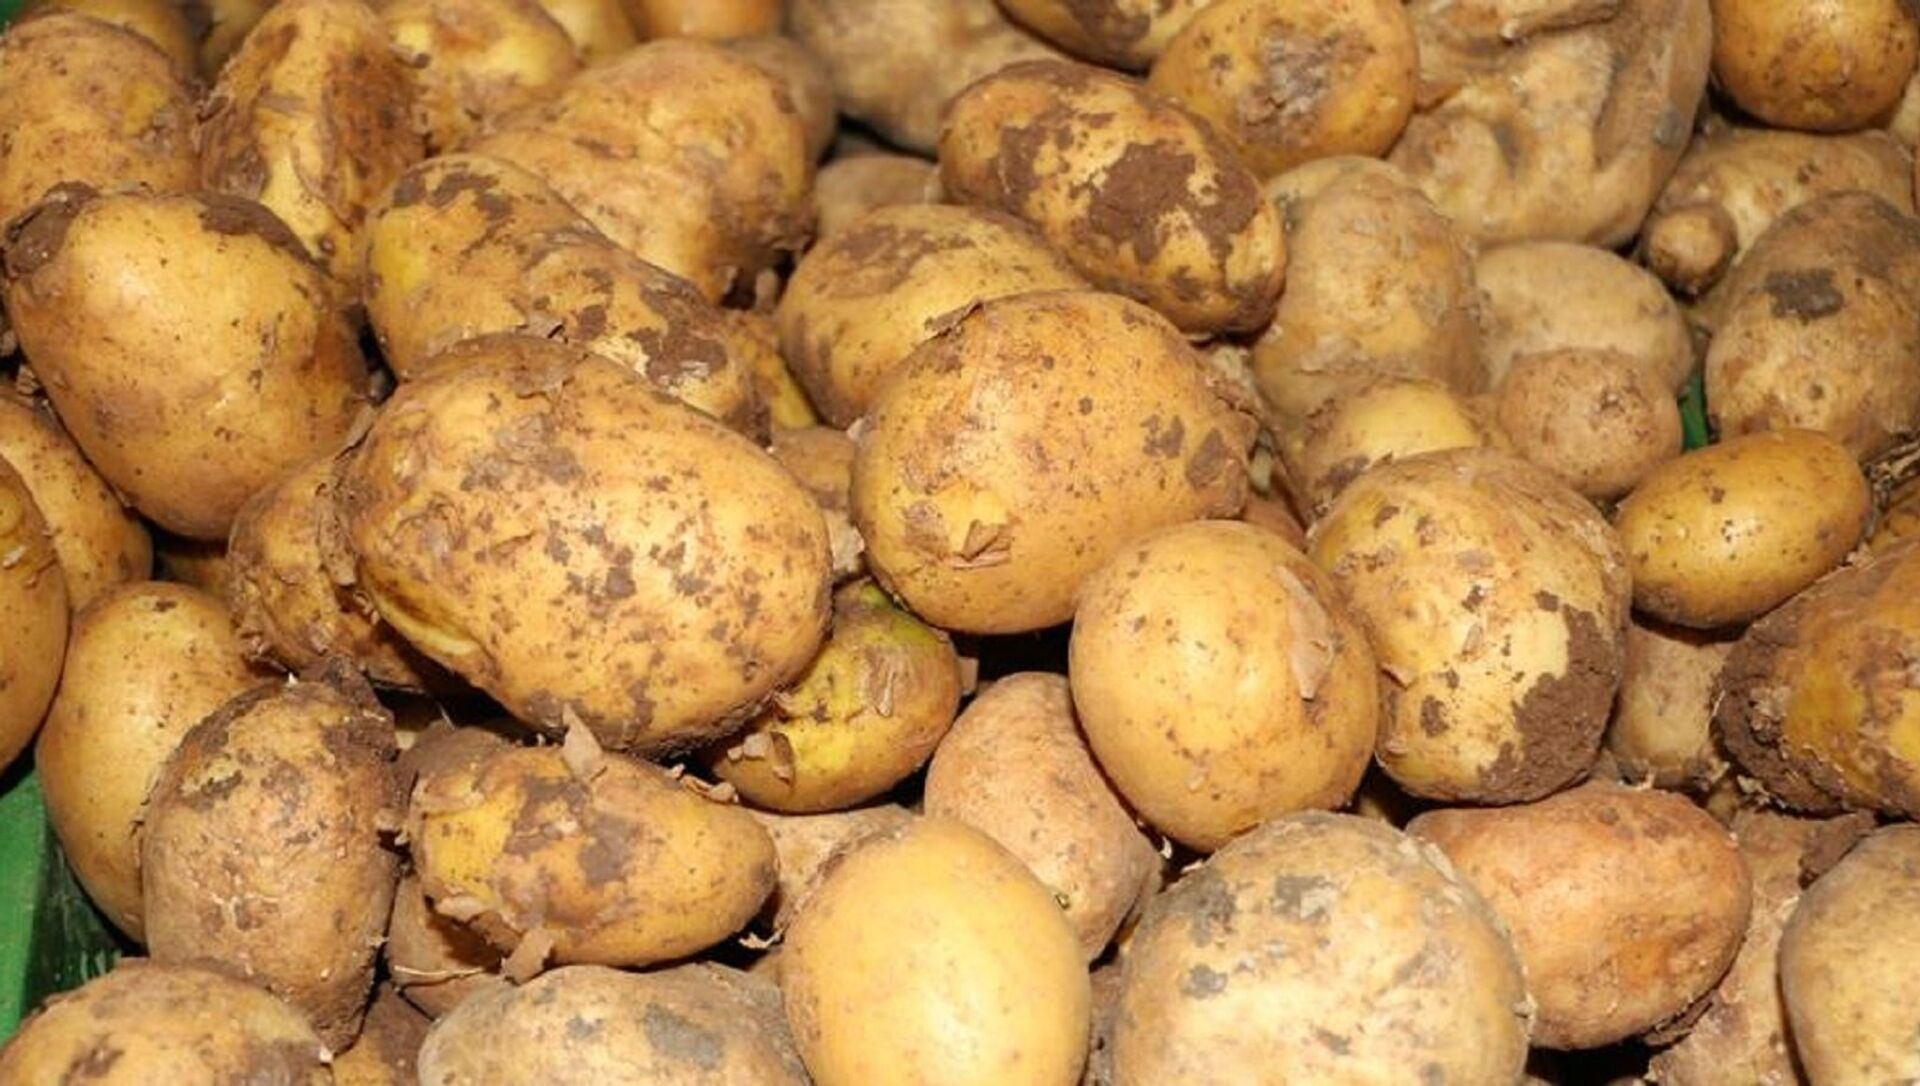 Patates - Sputnik Türkiye, 1920, 14.04.2021